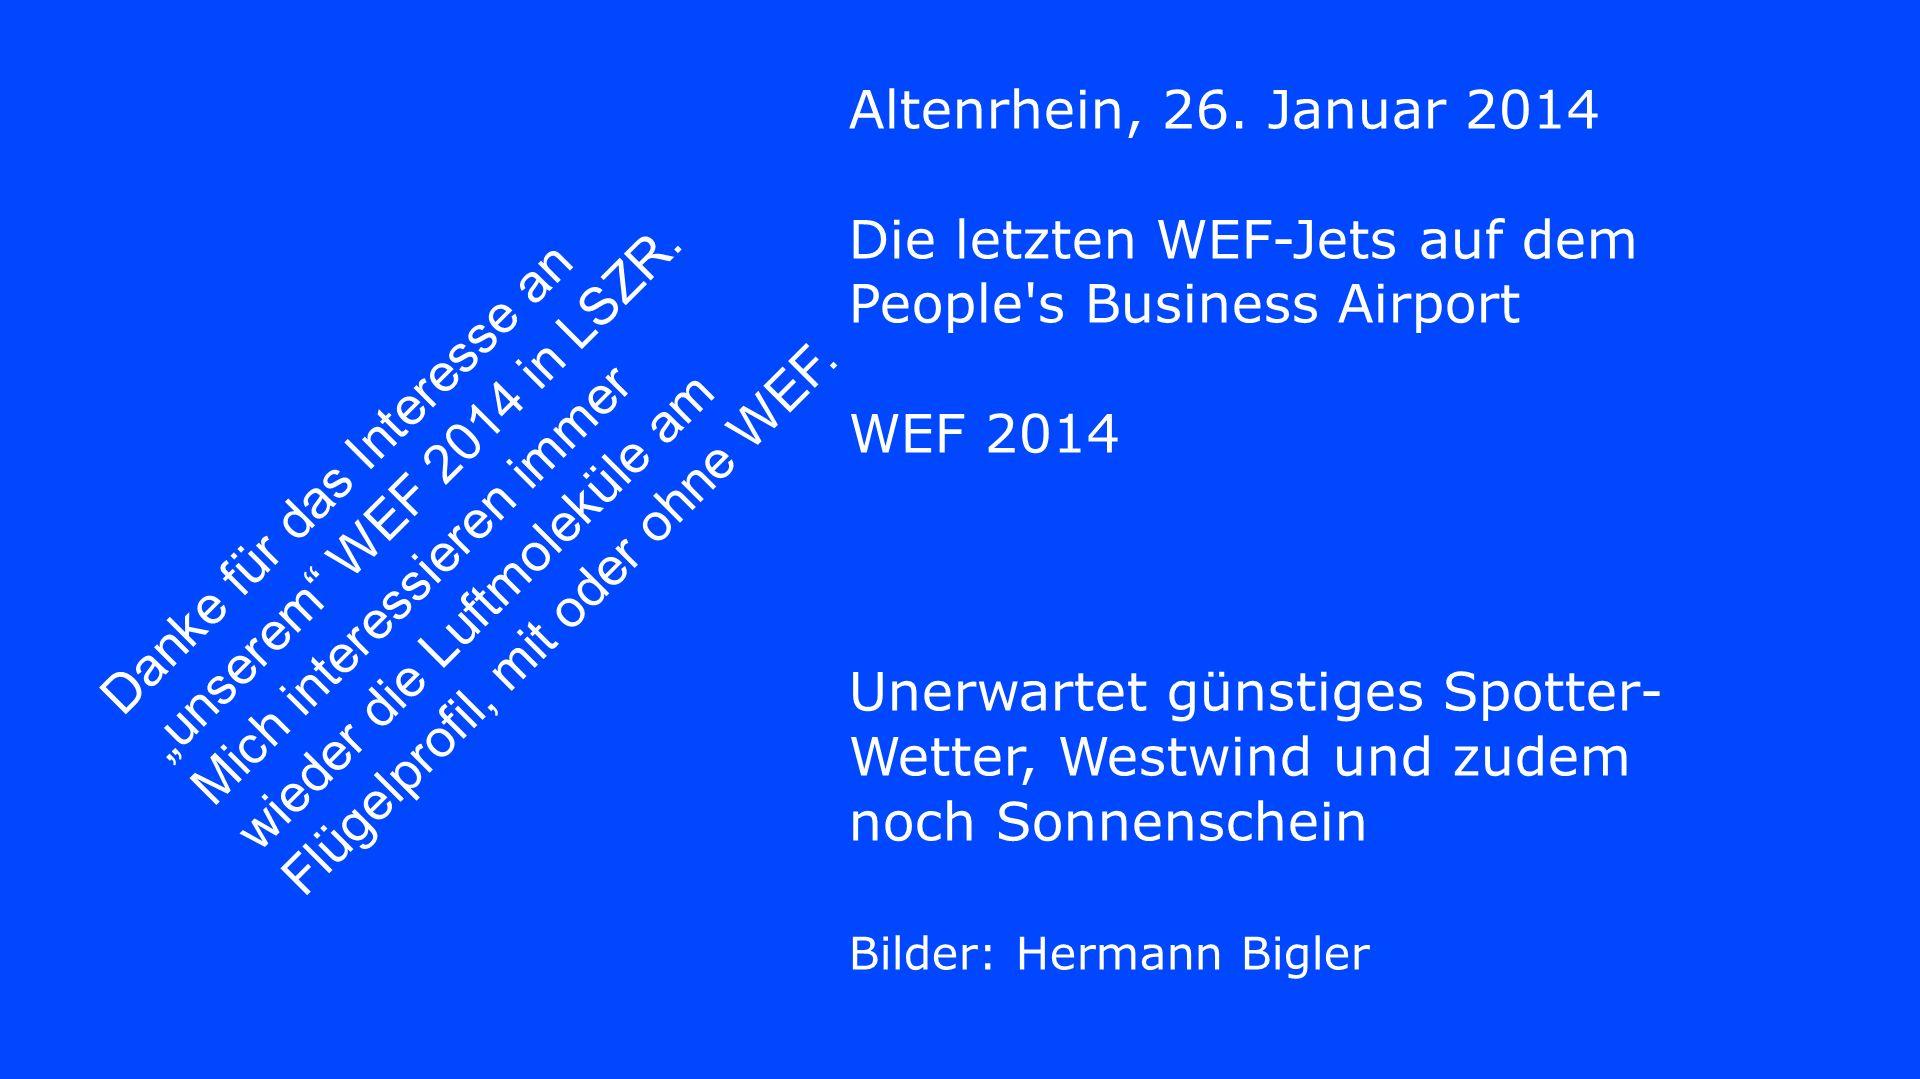 Danke für das Interesse an unserem WEF 2014 in LSZR. Mich interessieren immer wieder die Luftmoleküle am Flügelprofil, mit oder ohne WEF. Altenrhein,